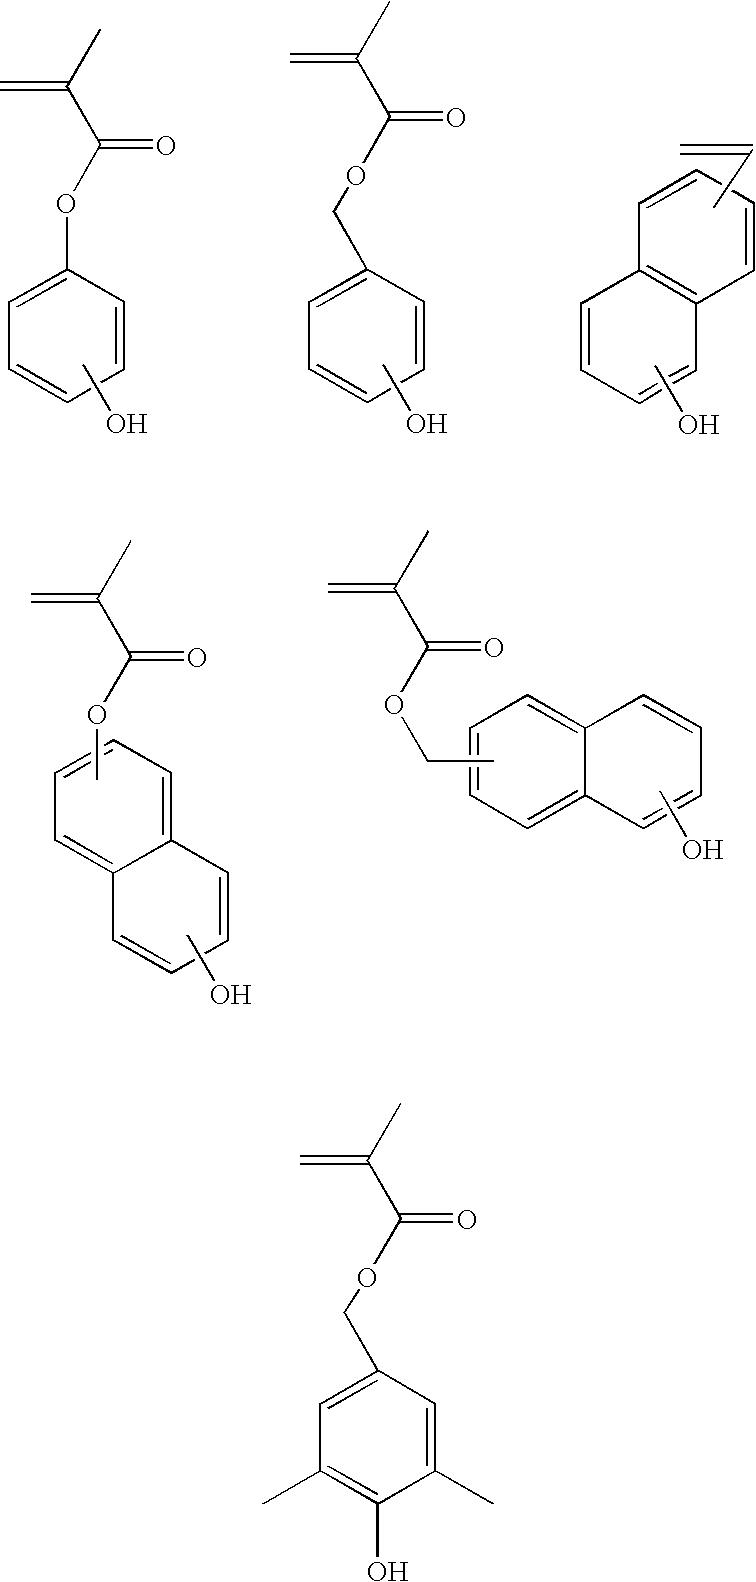 Figure US20100178617A1-20100715-C00051